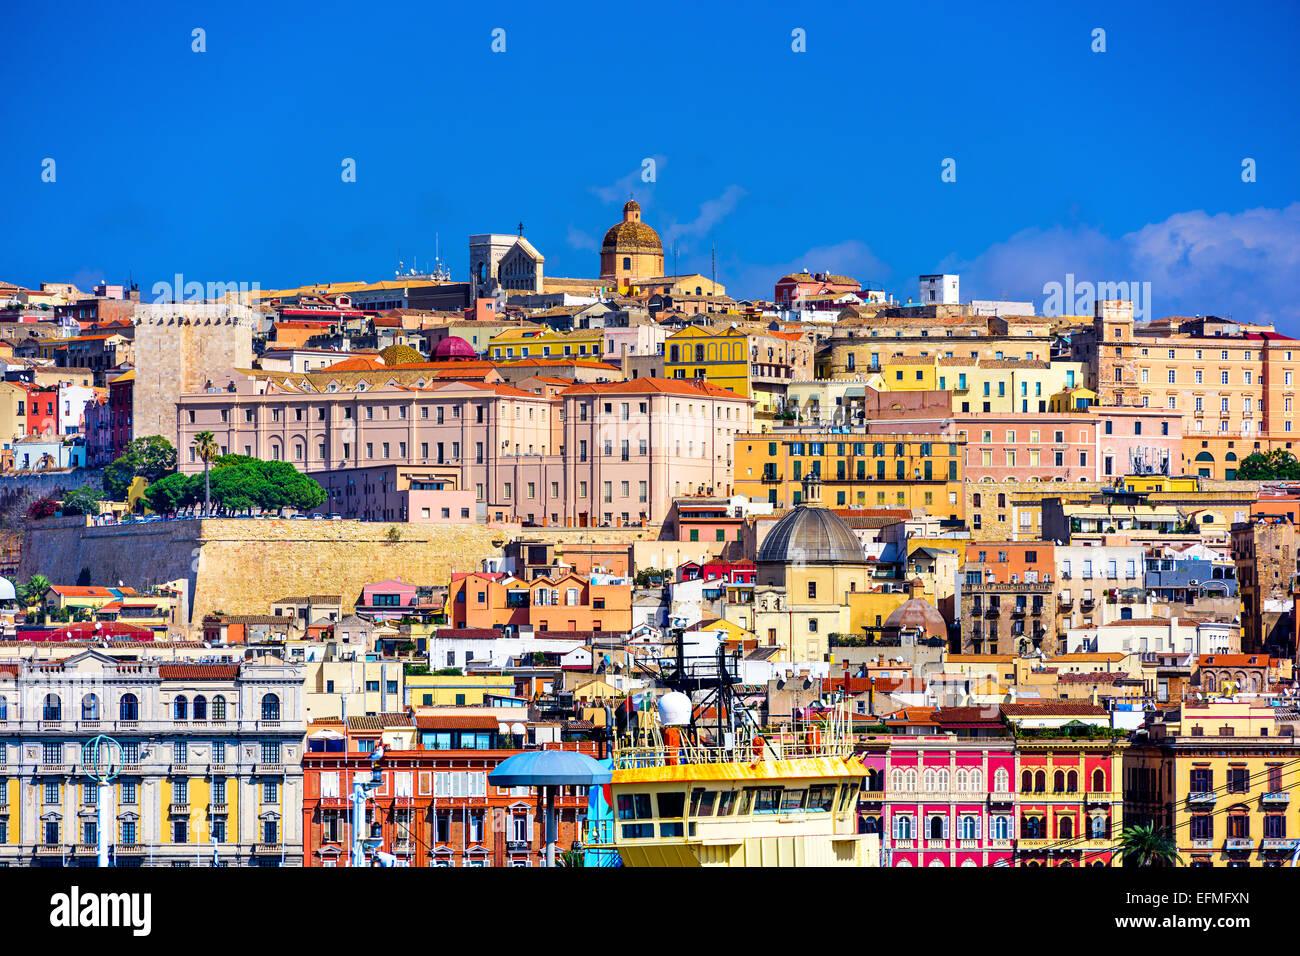 Cagliari, Sardaigne, Italie les toits de la vieille ville. Photo Stock